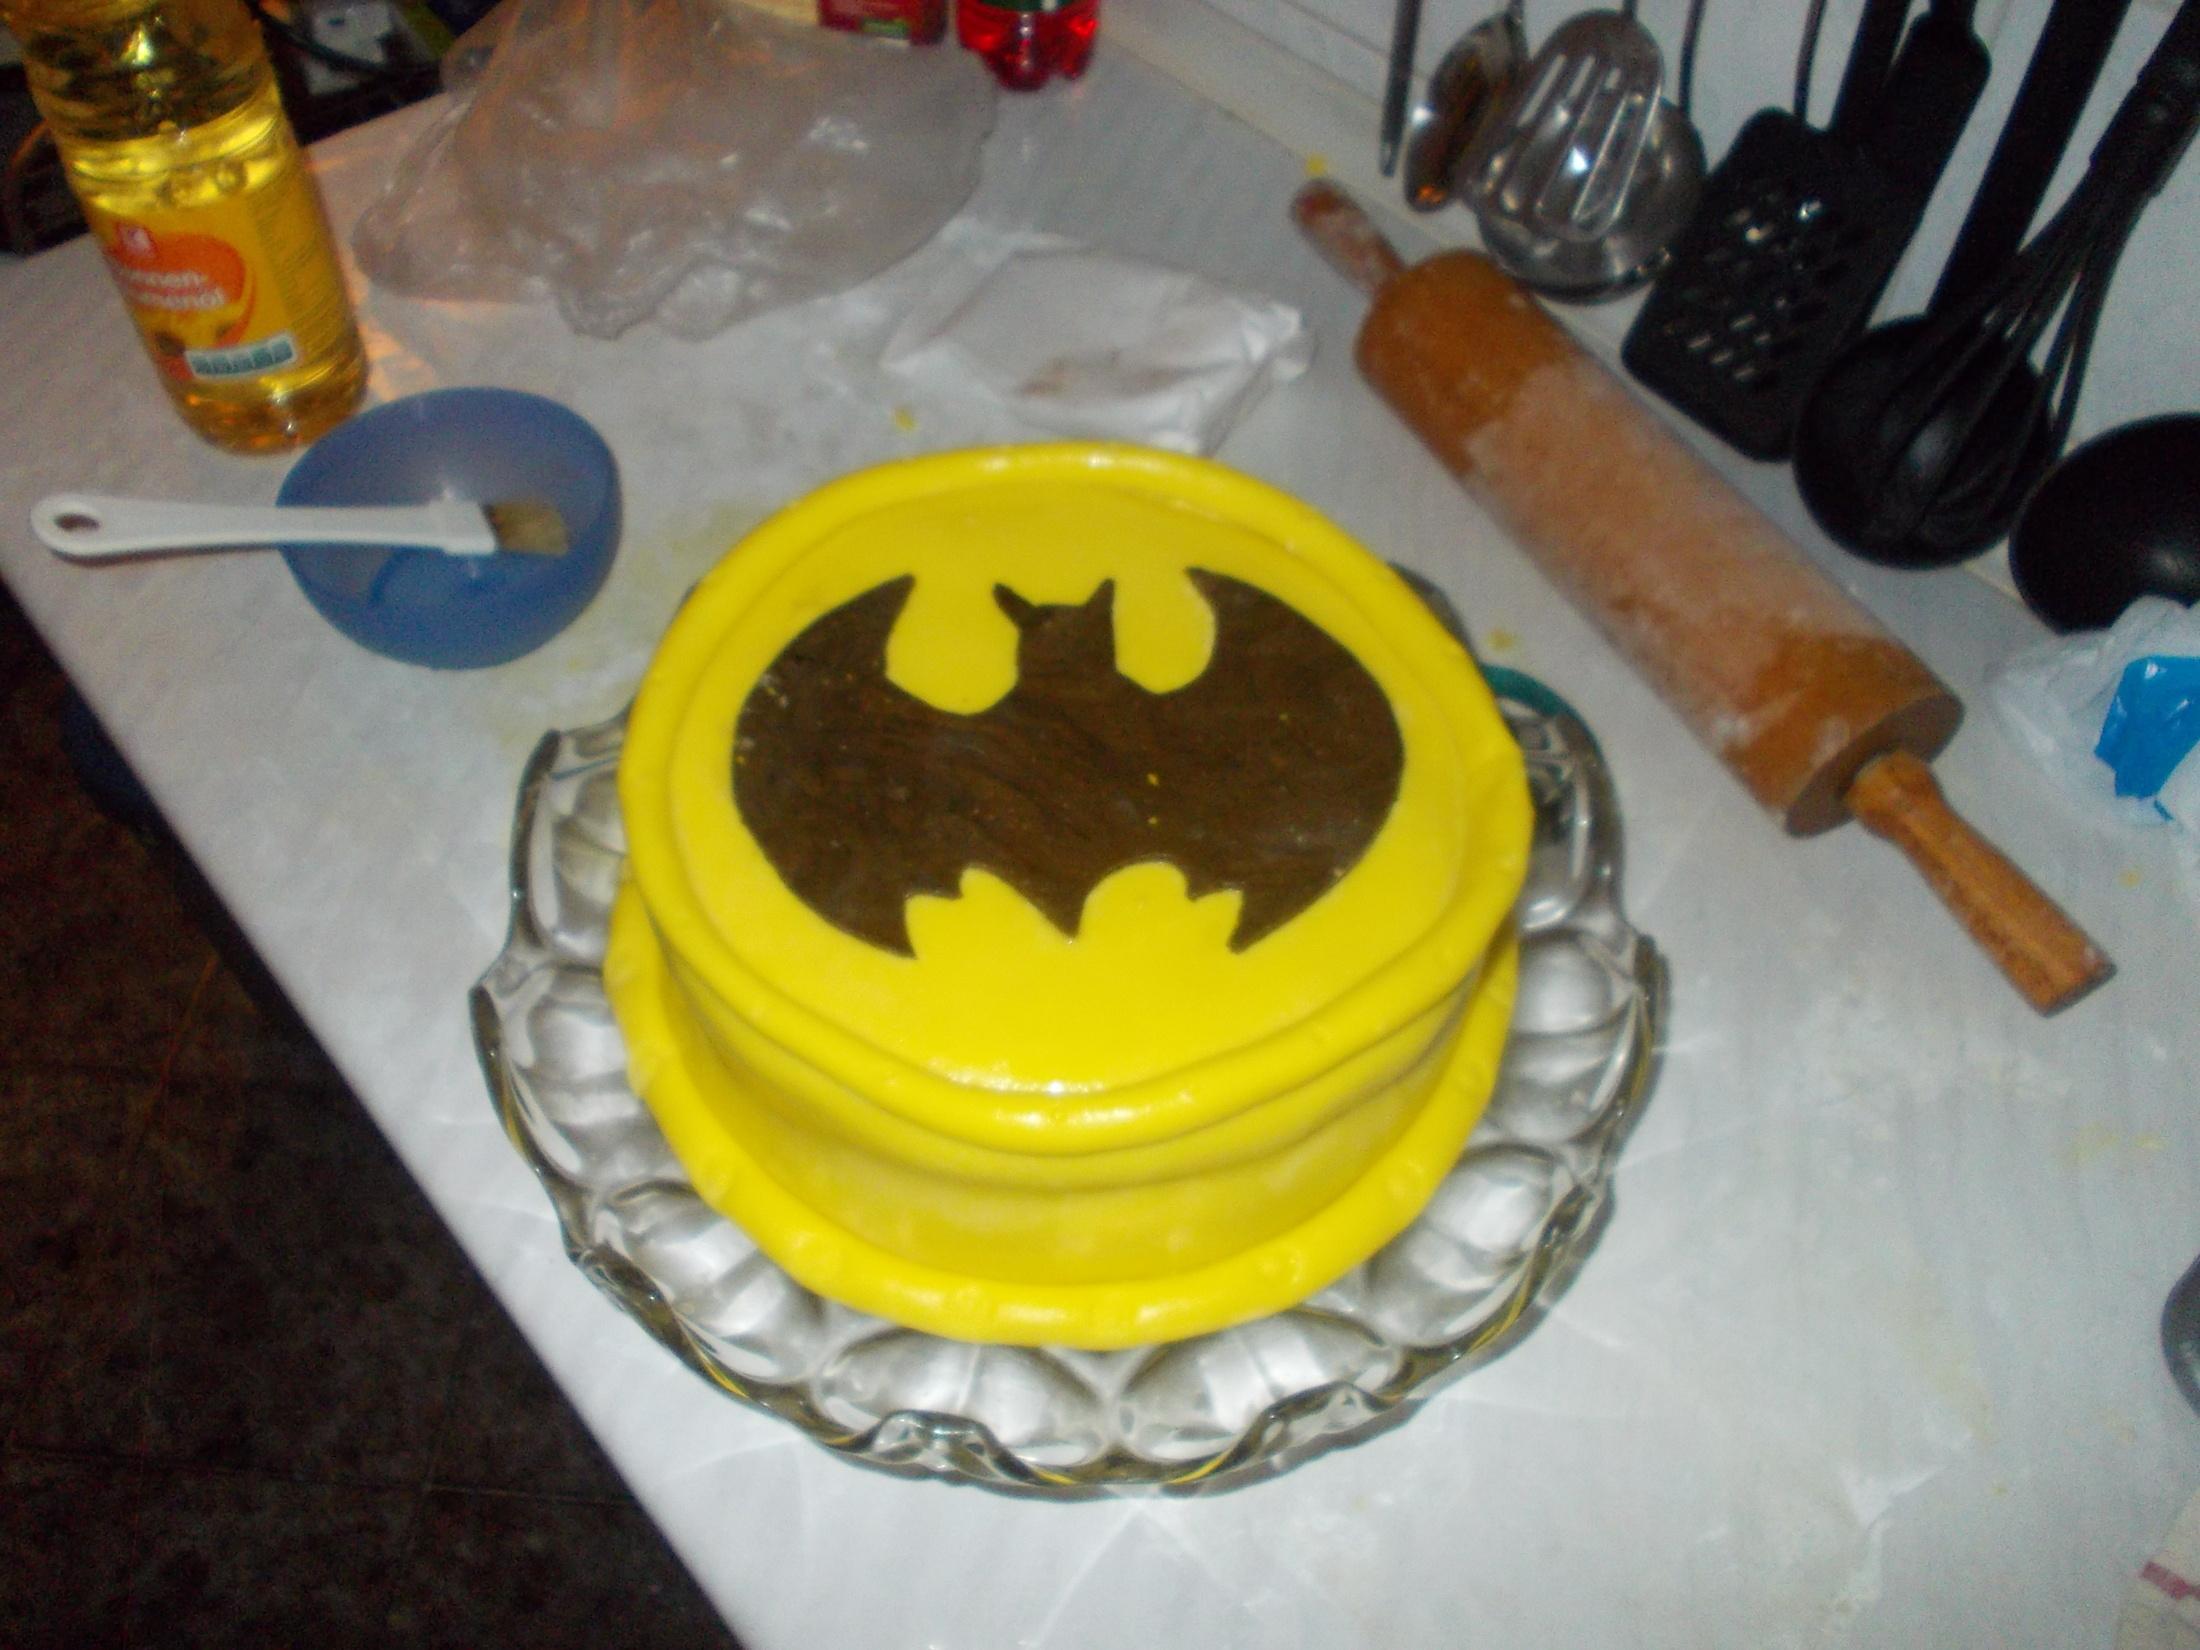 Recept Potahovací hmota na dorty - Já upekla a drahoušek udělal zbytek. (Batman)